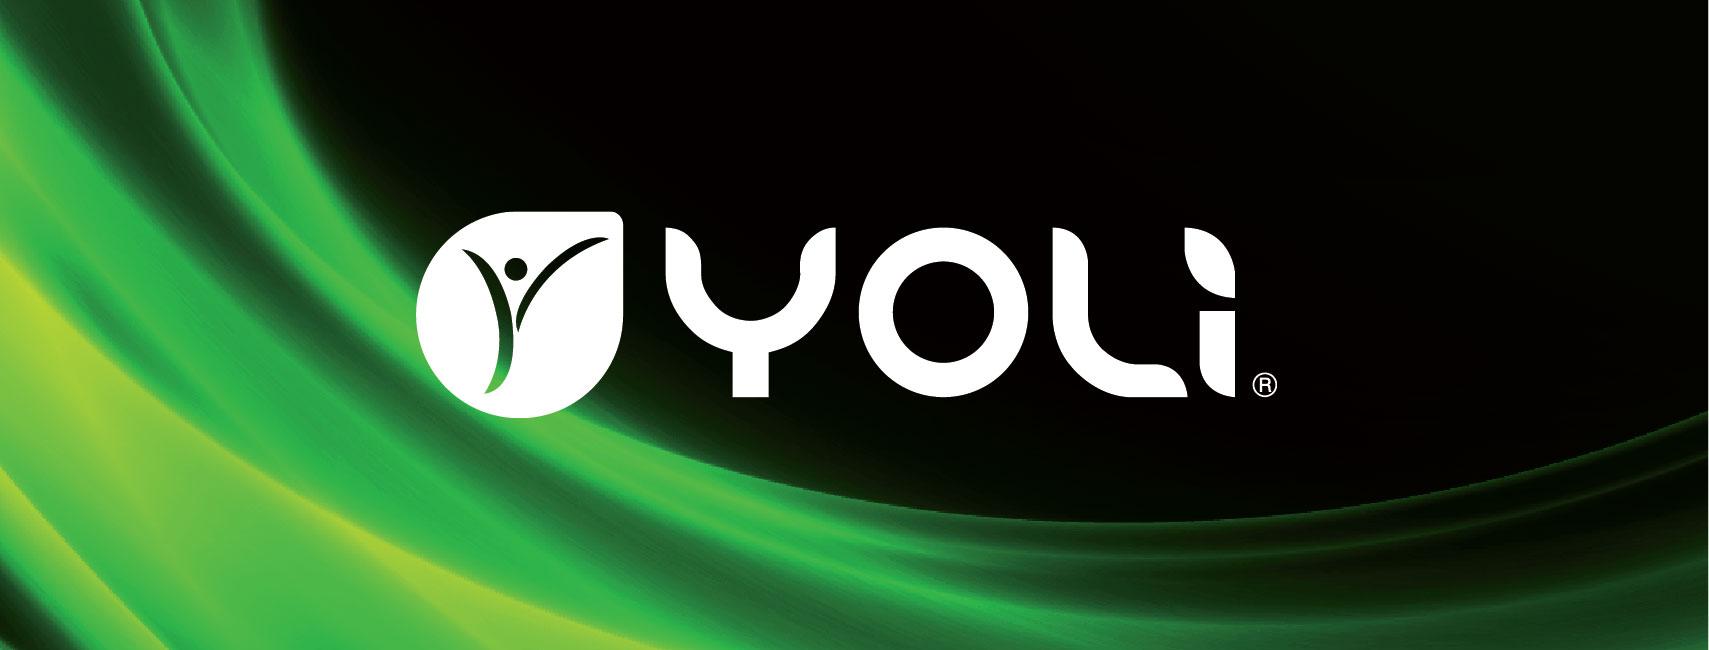 yoli logo